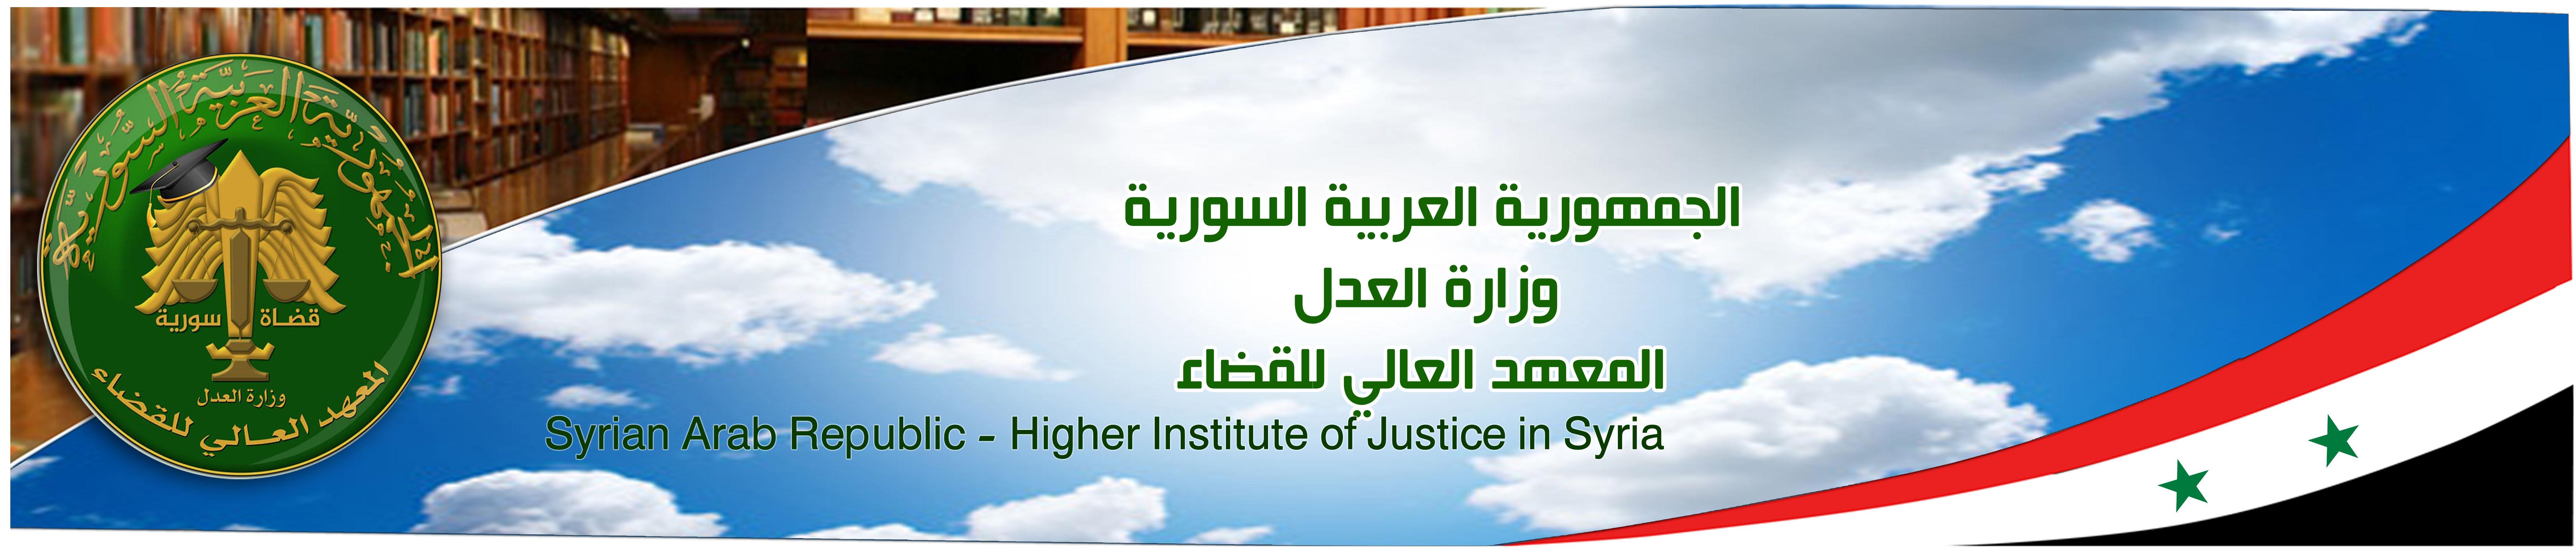 المعهد العالي للقضاء سوريا